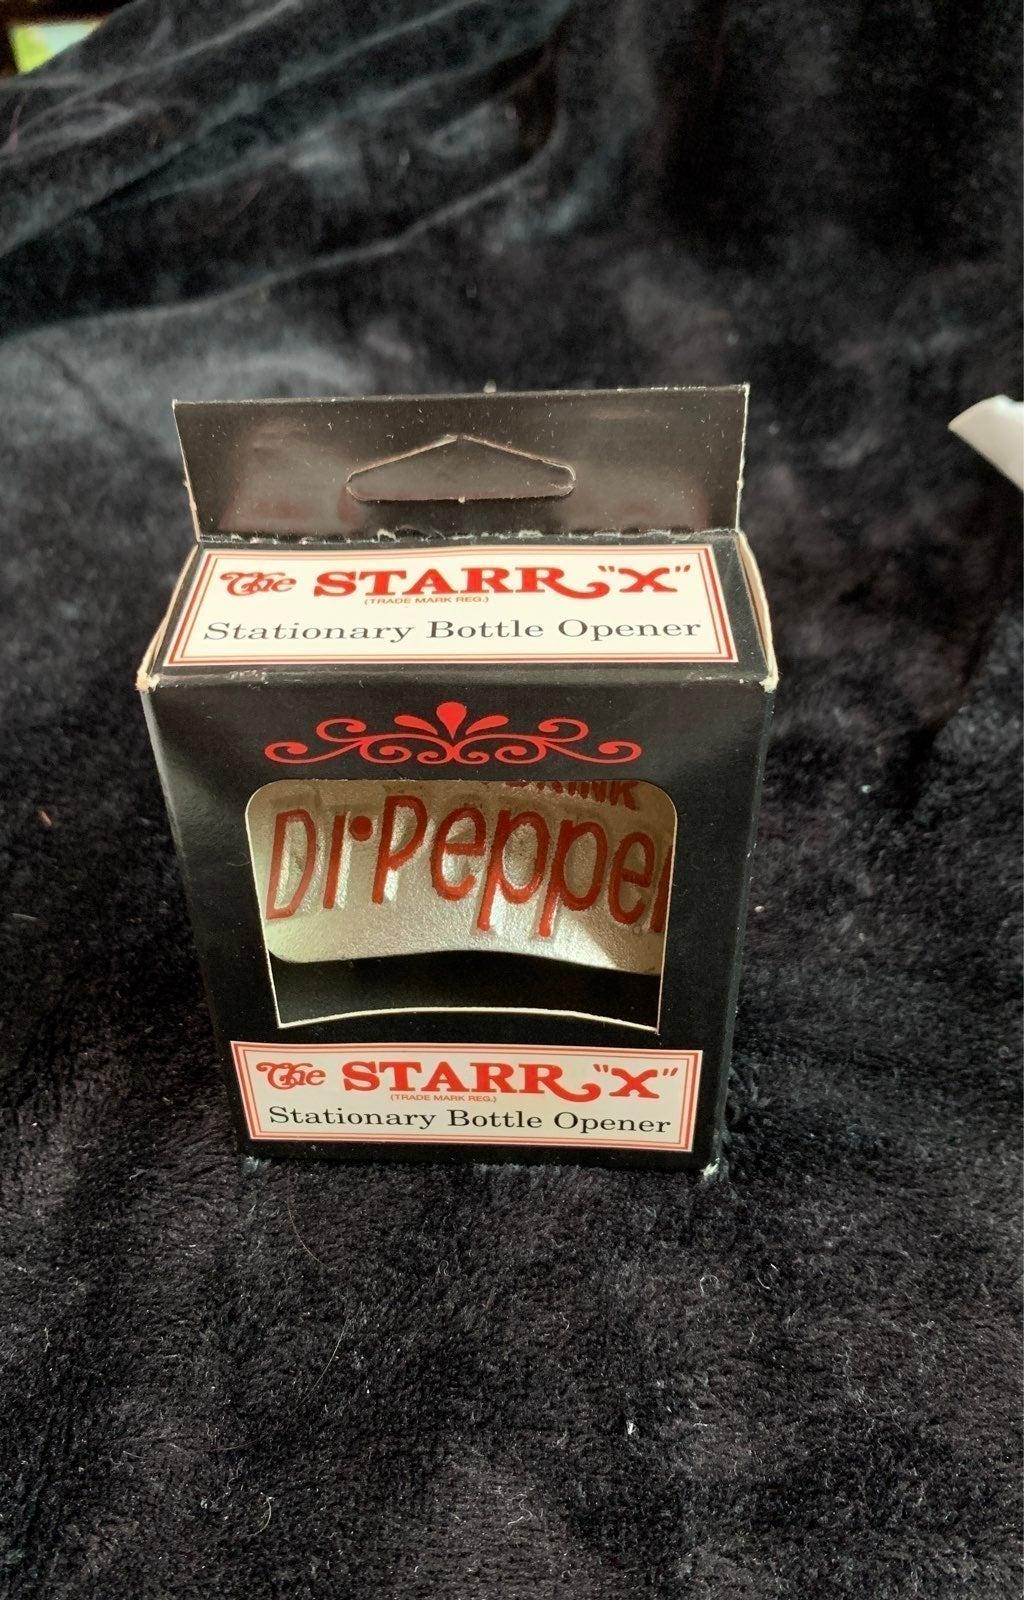 Dr. Pepper stationary bottle opener